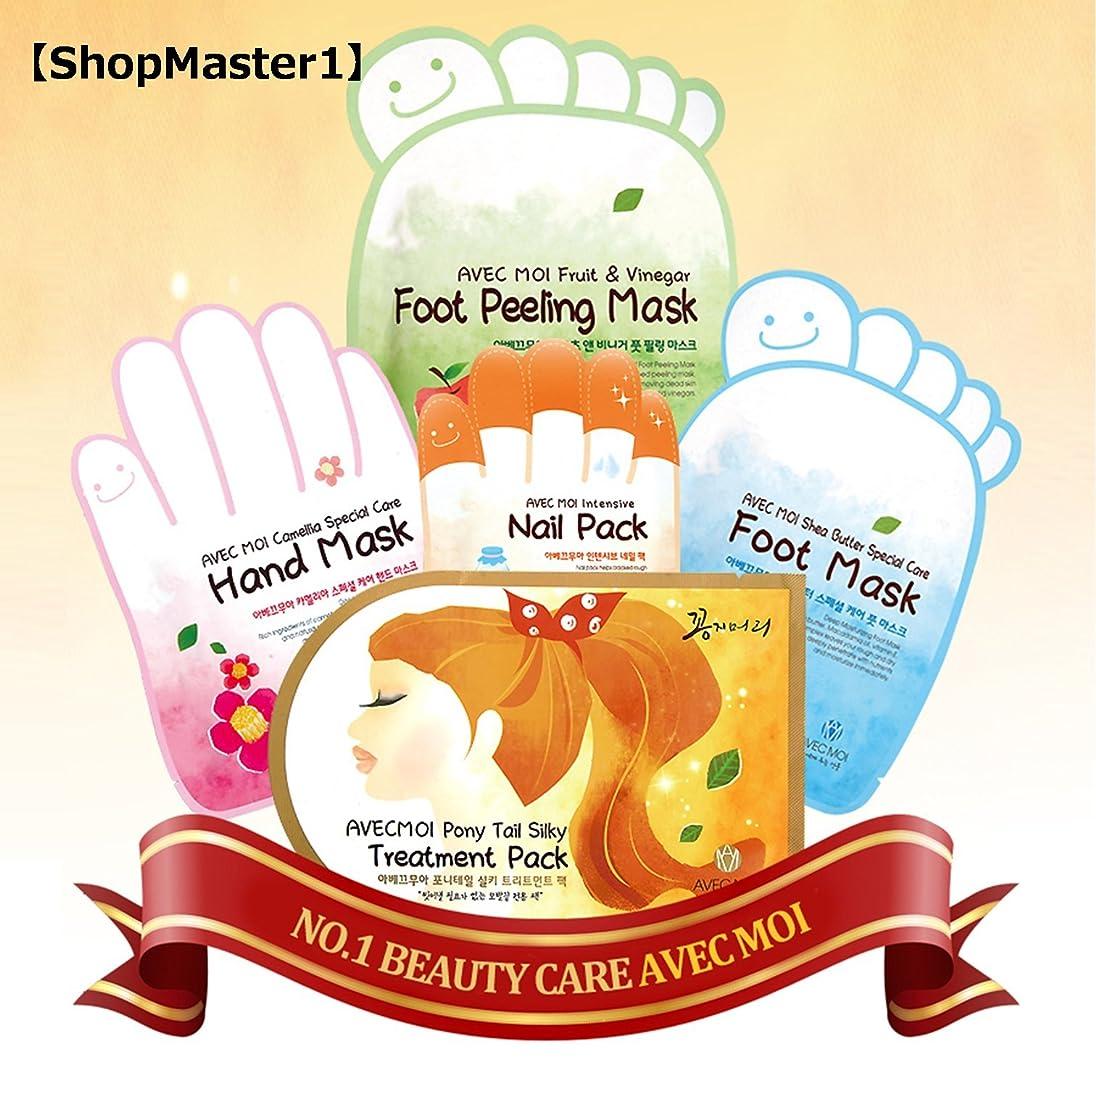 擬人化複数フライト【AVEC MOI アベクモア】 パック 5種セット (ヘア、ハンド、ネイル、フット、フットピーリング) Pack 5 Set (Hair, Hand, Nail, Foot, Foot Peeling) Made in Korea / 海外直配送 (3セット (5枚x3セット)) [並行輸入品]